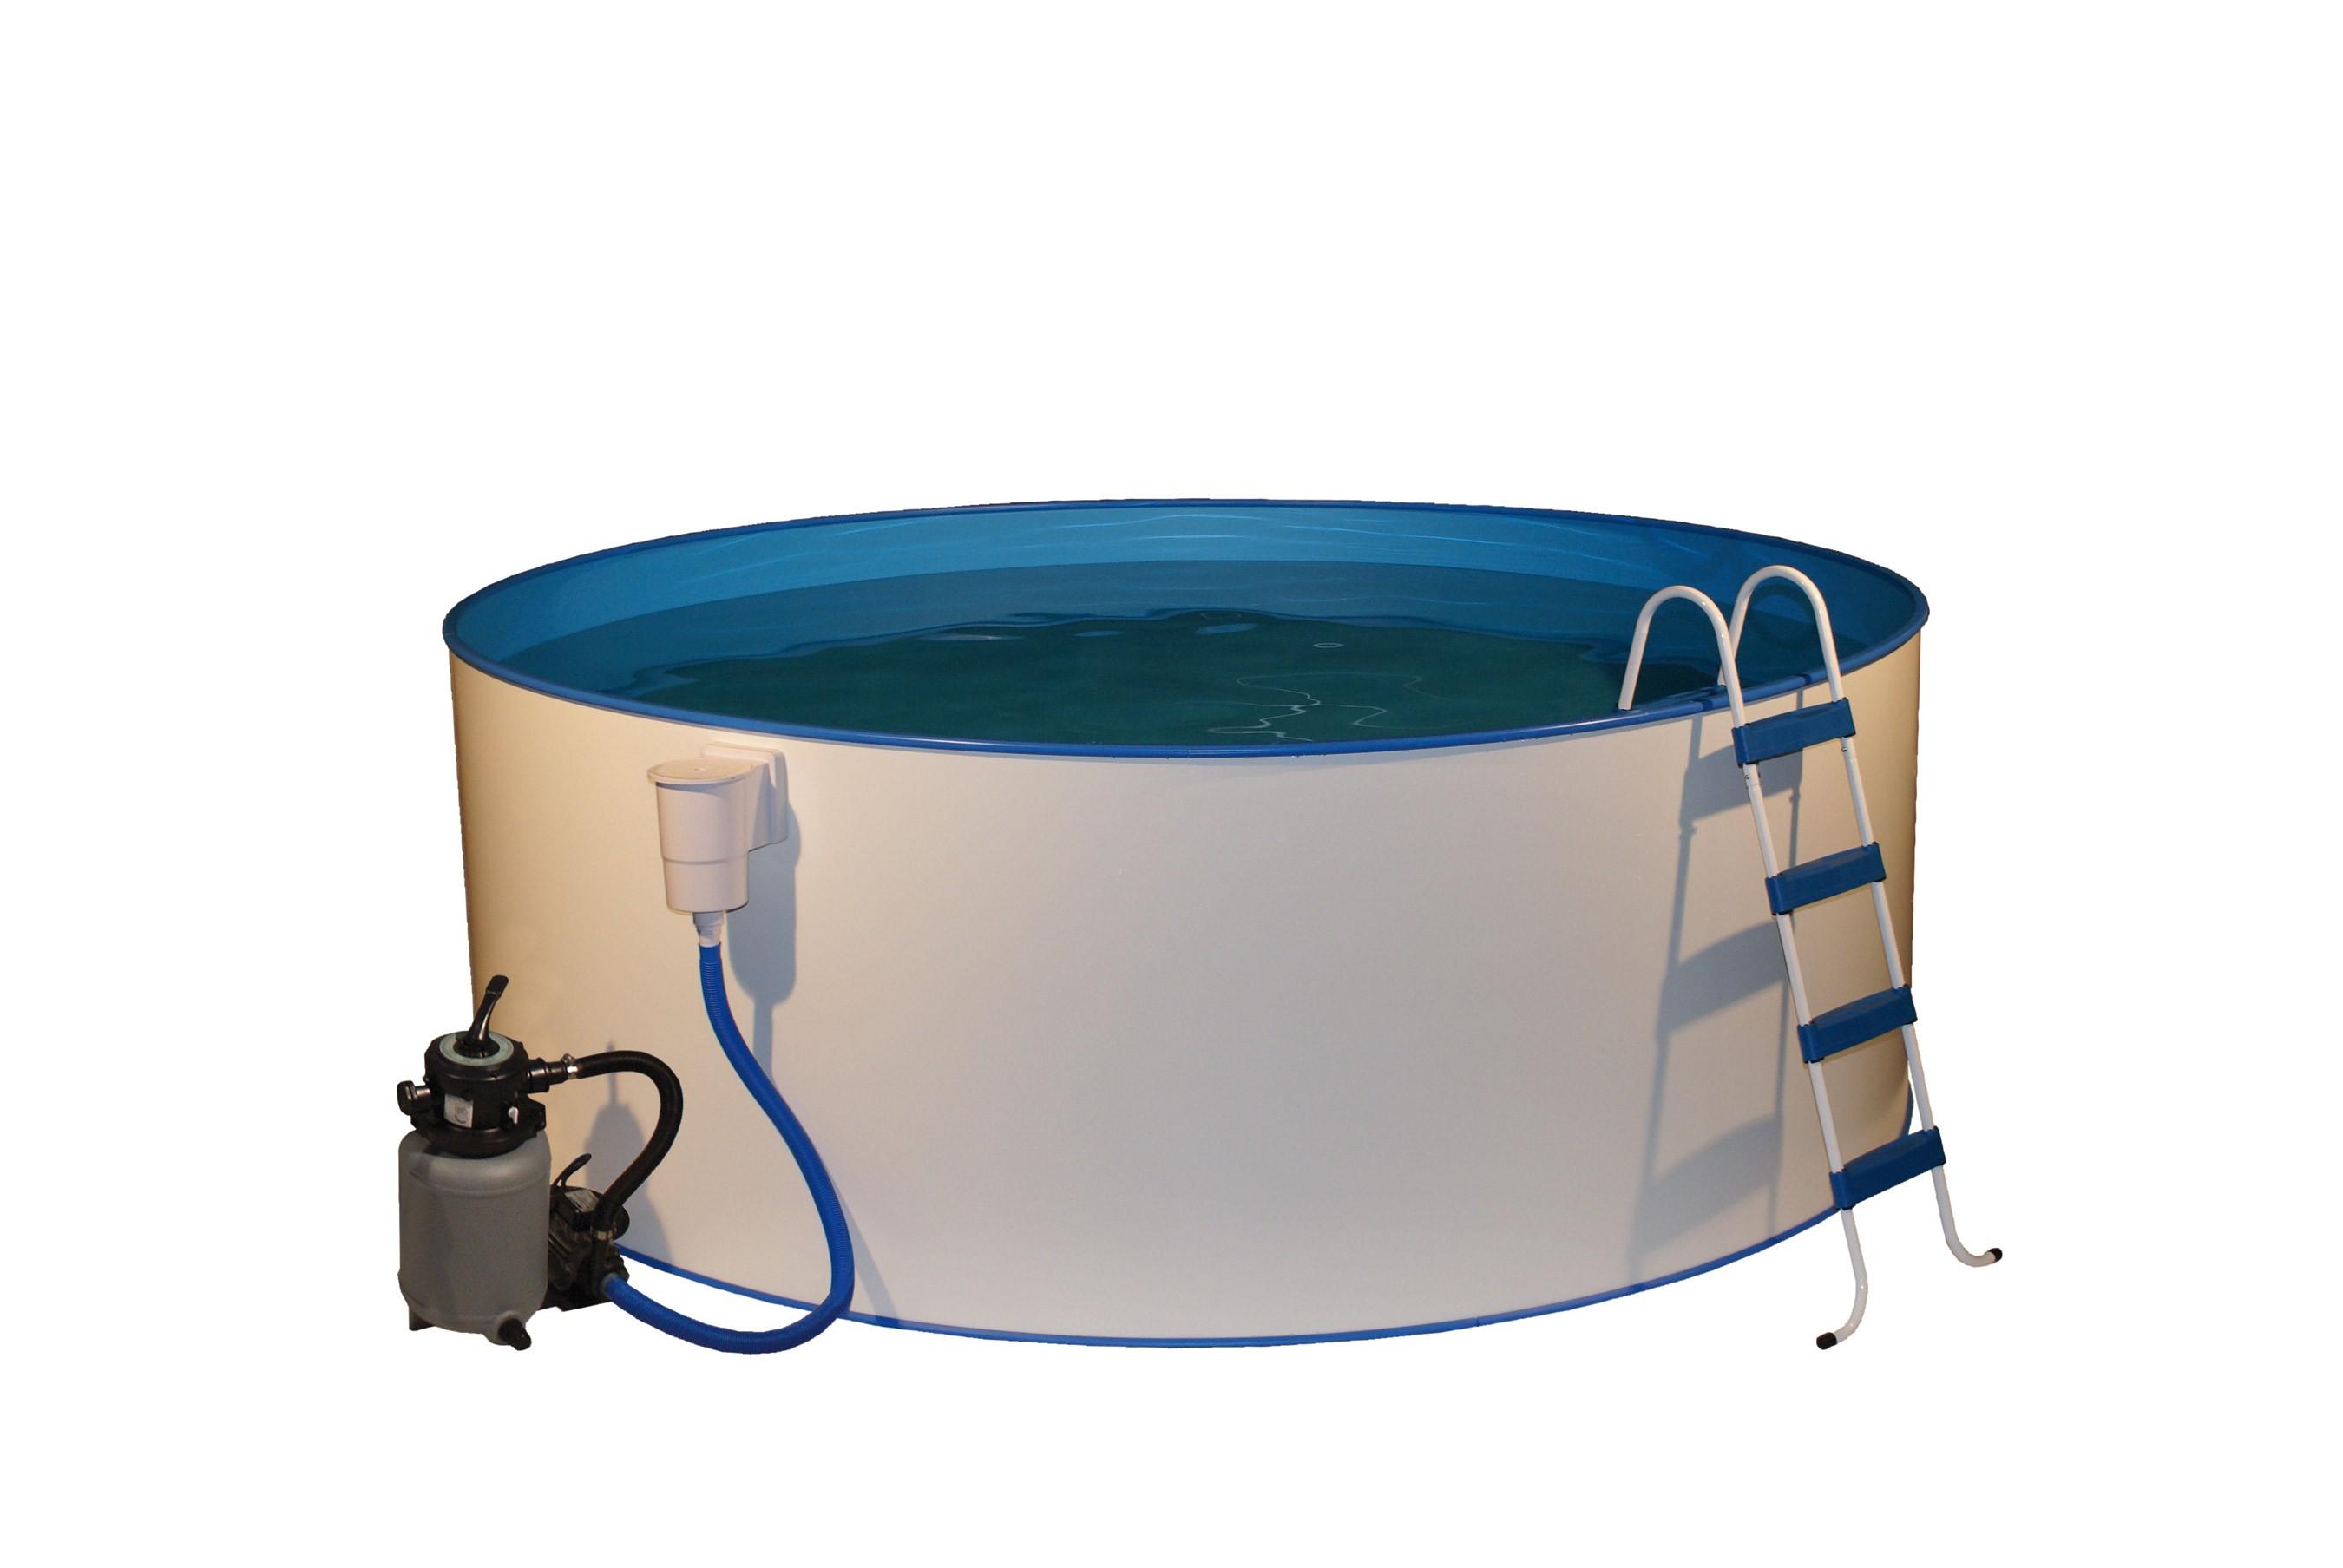 Pool schwimmbecken trend rund mit sandfilter 4 50x1 20m bei - Pool mit sandfilter ...